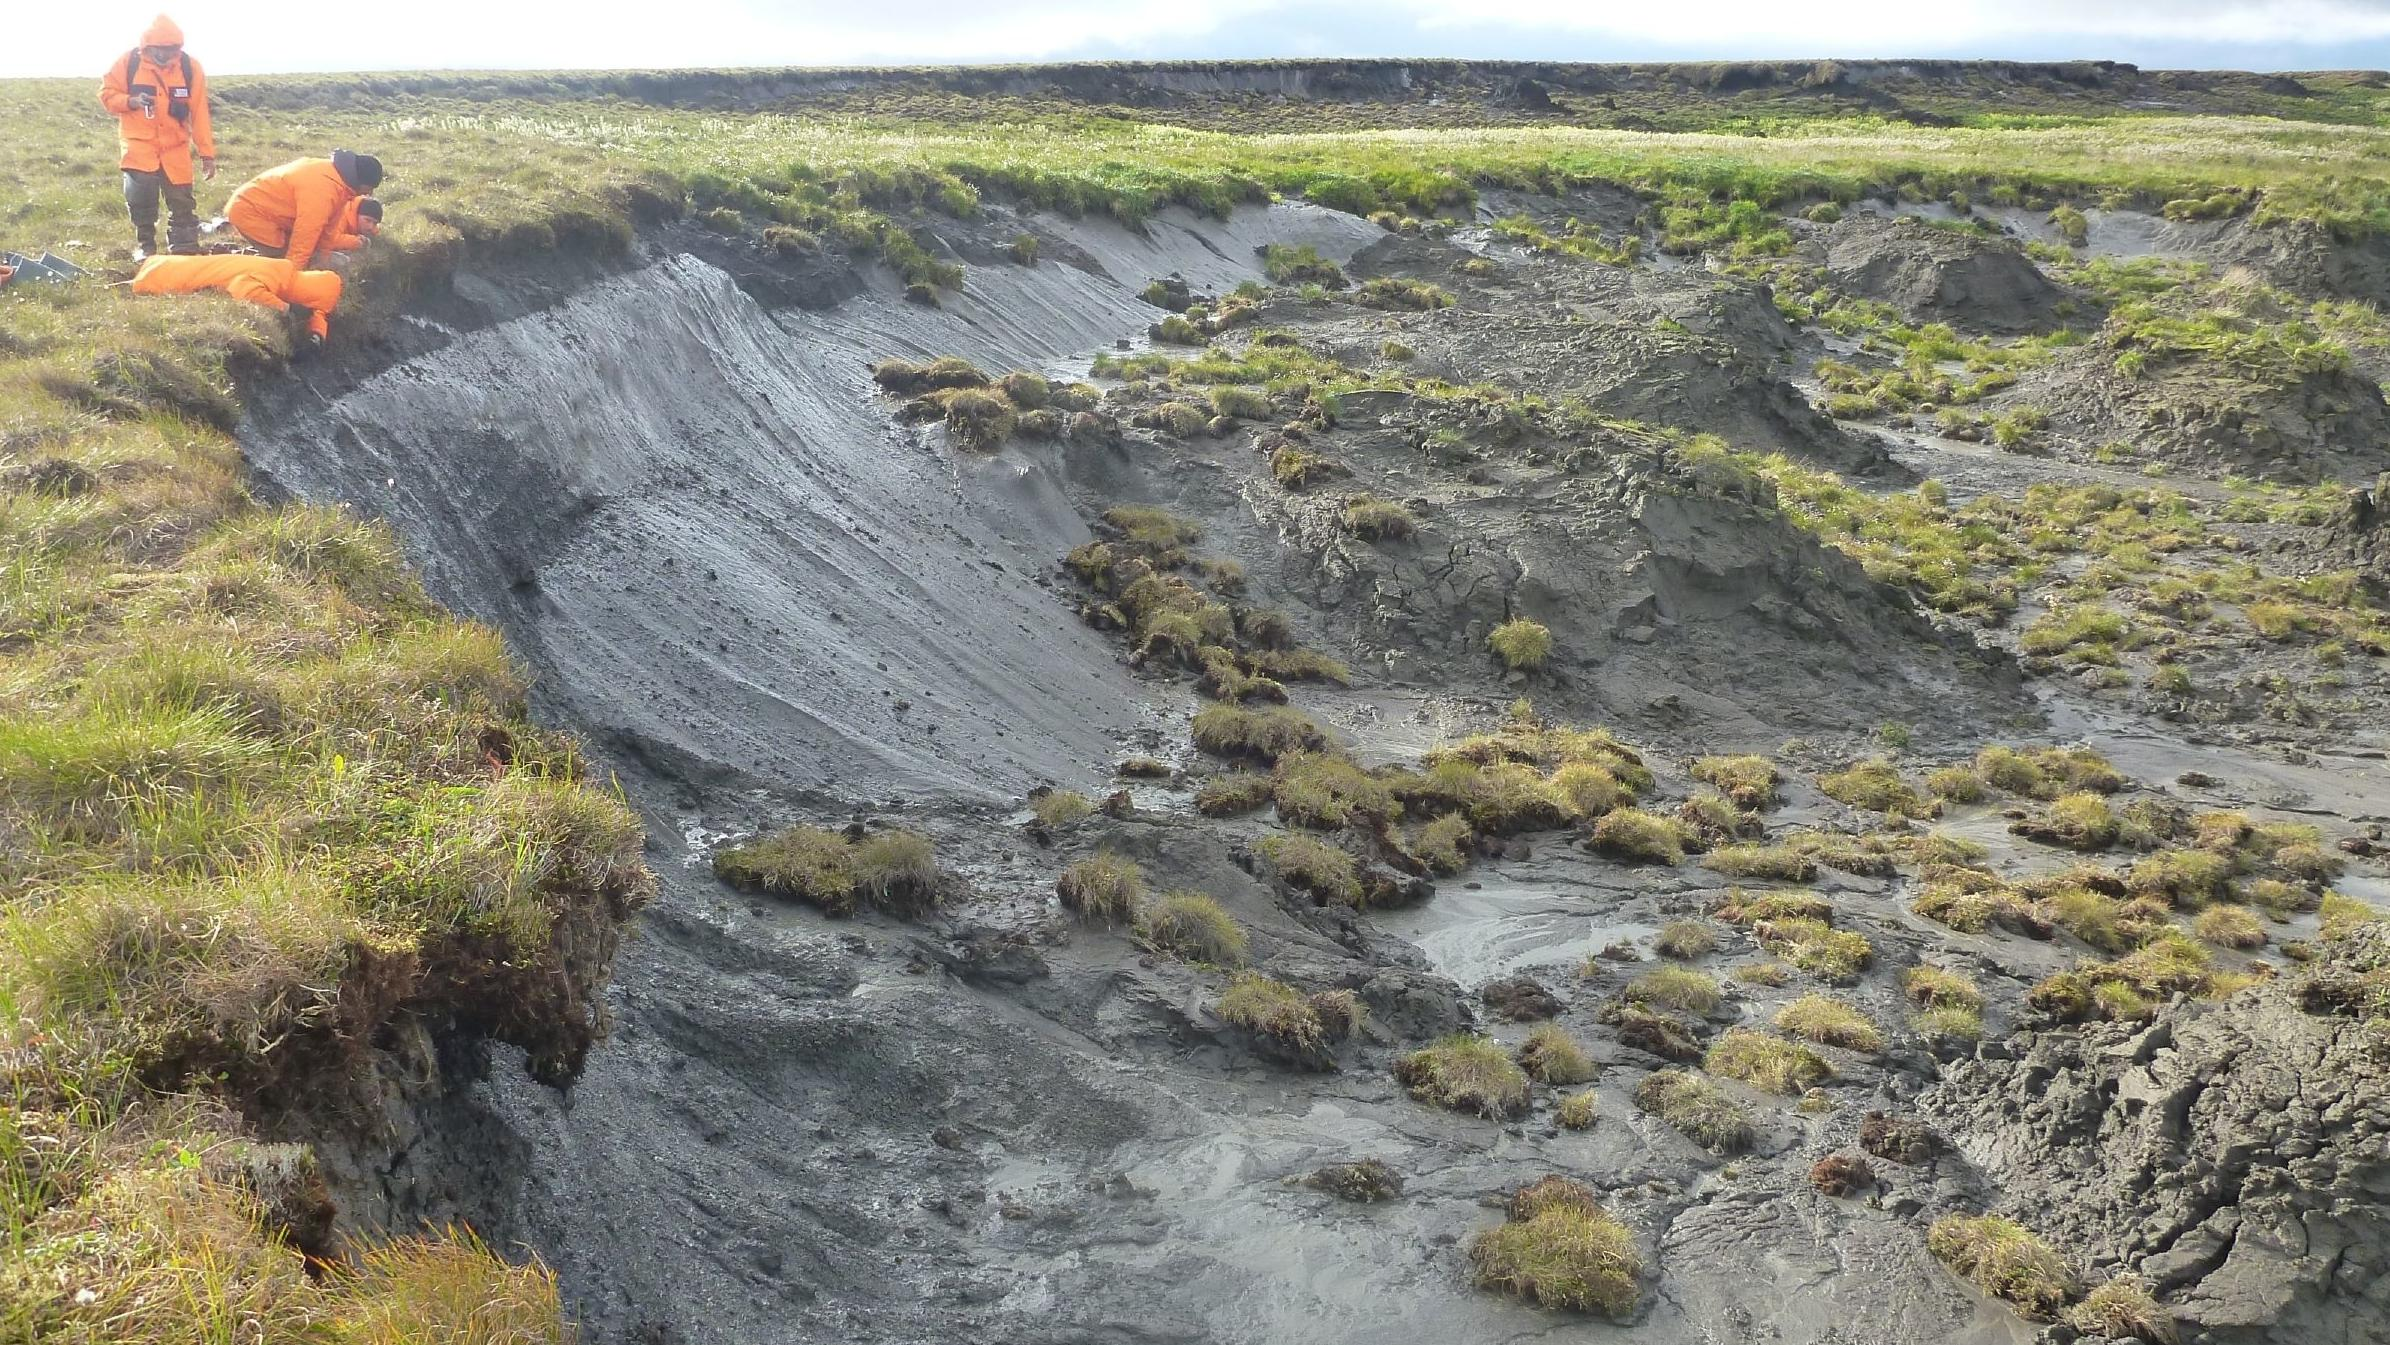 In der internationalen Studie wollen mehr als 50 Forschergruppen aus 26 Ländern herausfinden, wie schnell sich die Permafrostböden erwärmen. Hier untersuchen AWI-Forscher die erodierende Permafrost-Küste auf der sibirischen Bykovsky-Halbinsel.